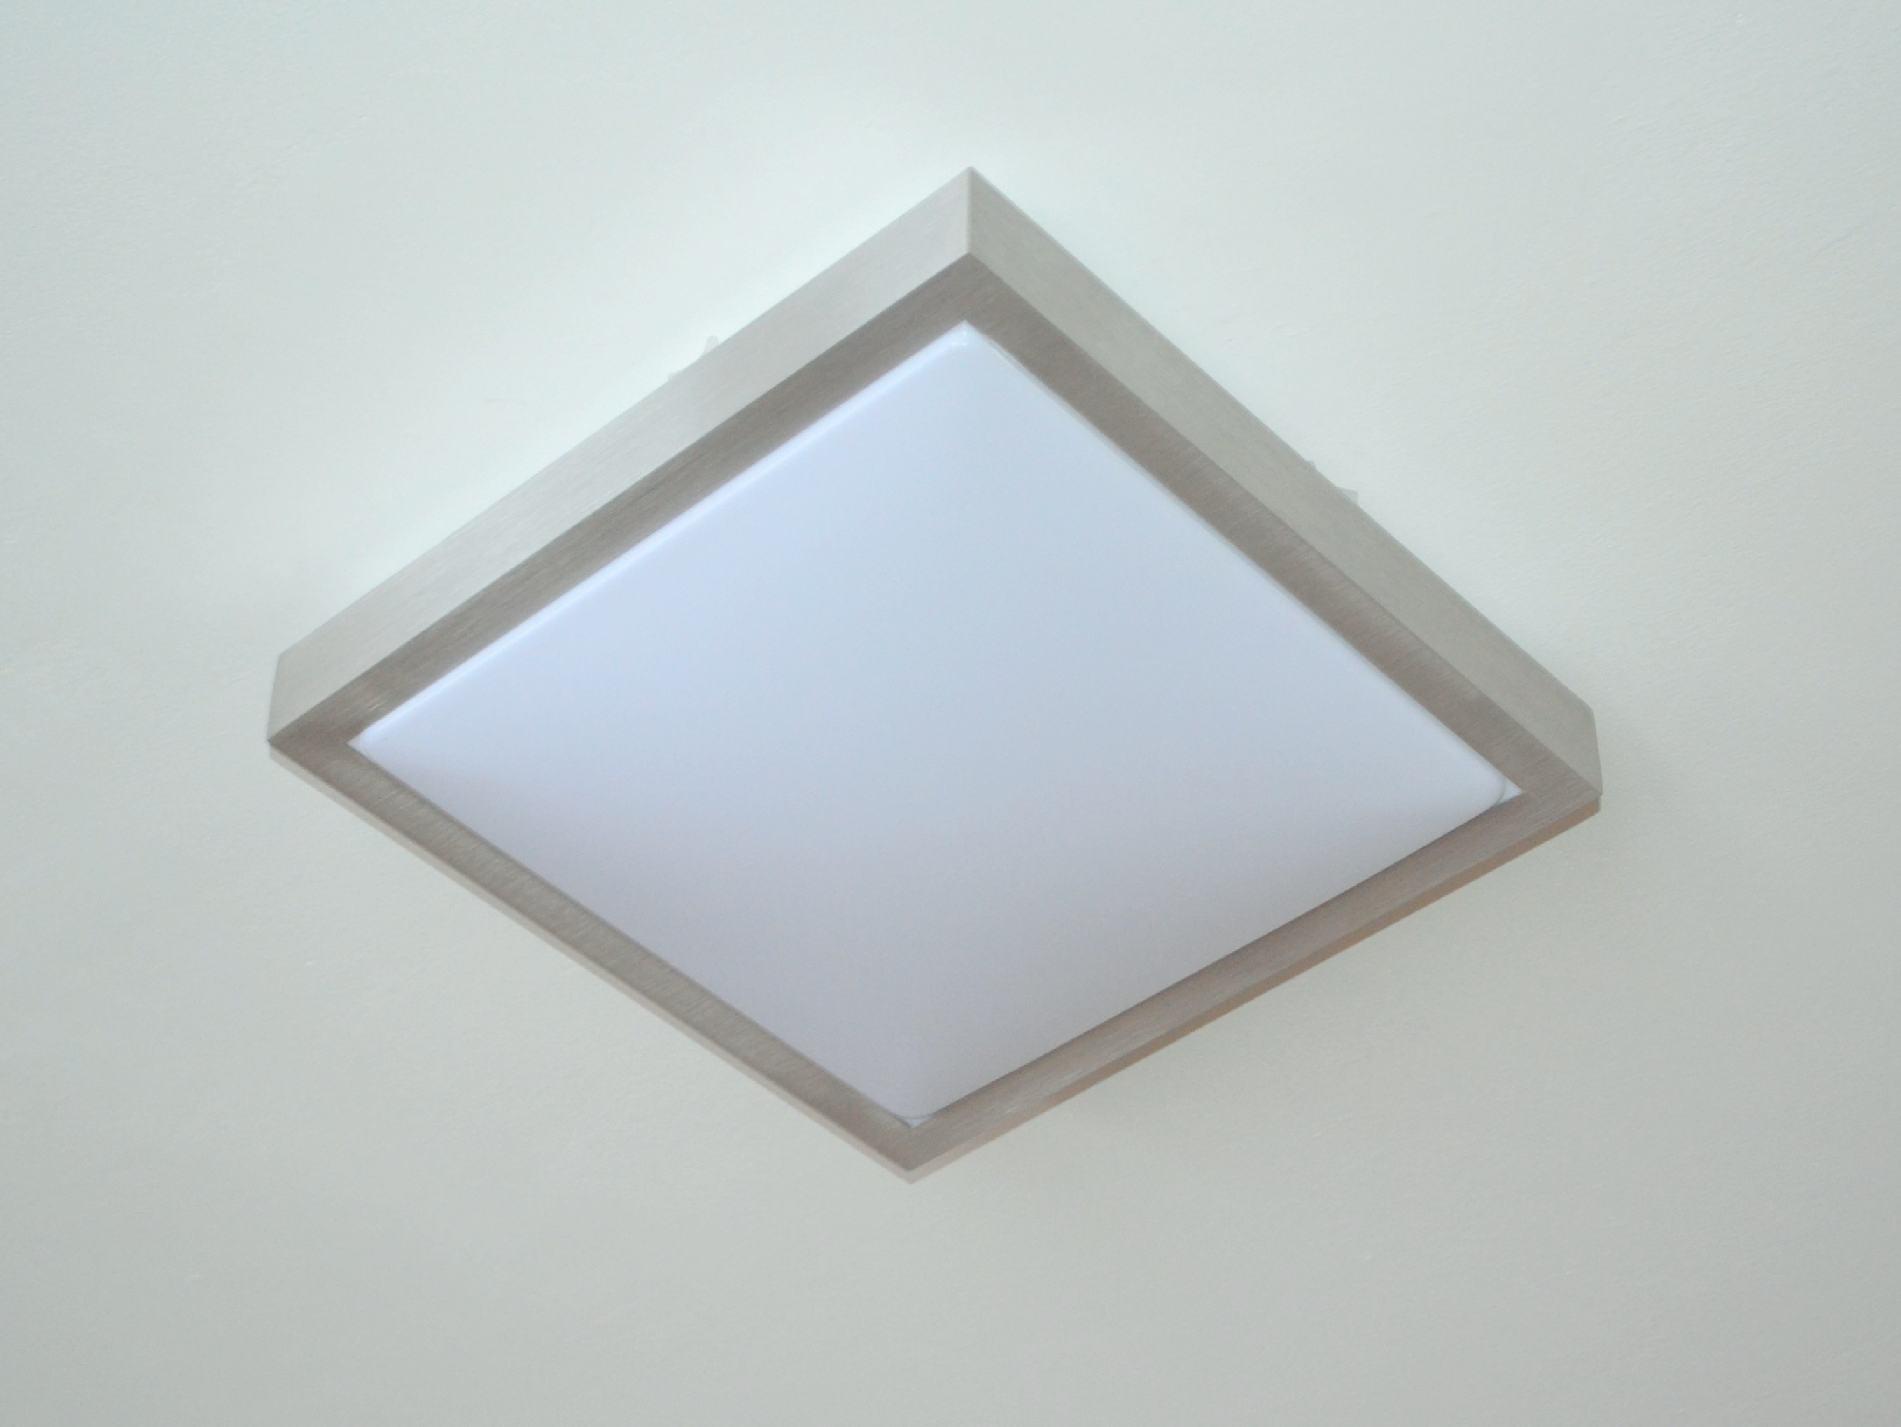 XD Q16 Deckenlampe Deckenleuchte 16 Watt rechteckig Alu Flurlampe ...